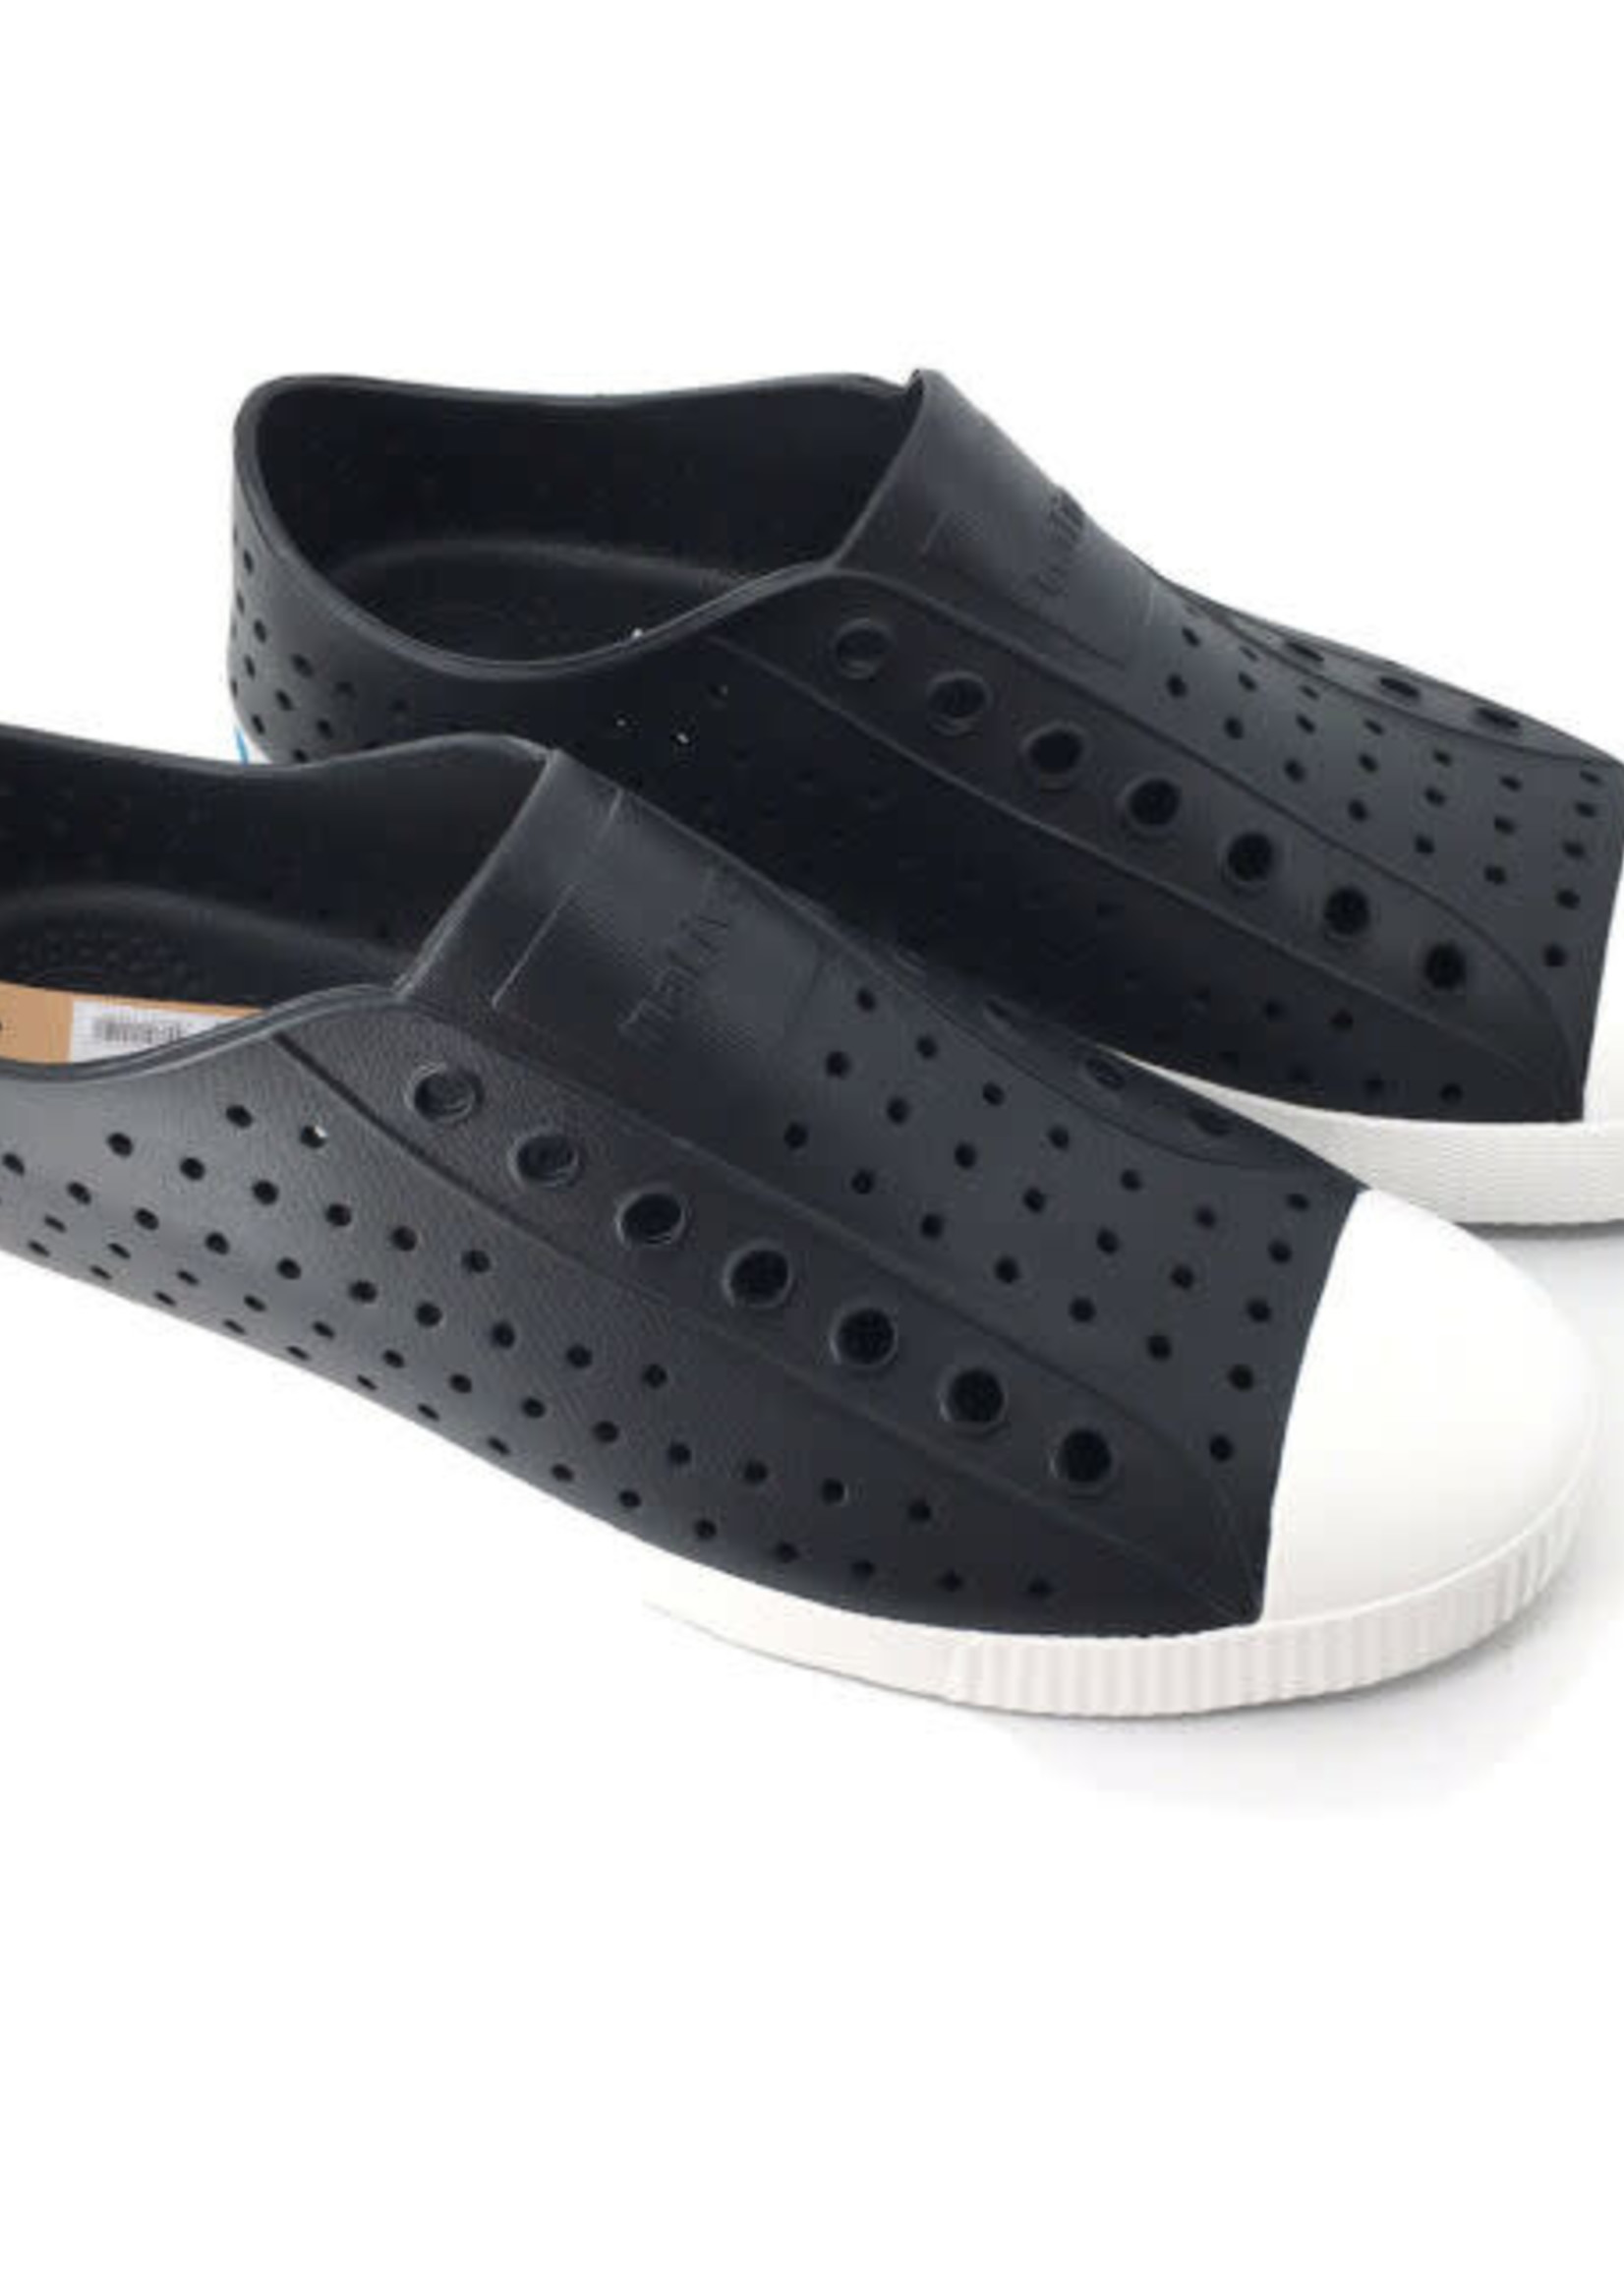 NATIVE shoes JEFFERSON, Black, Unisex